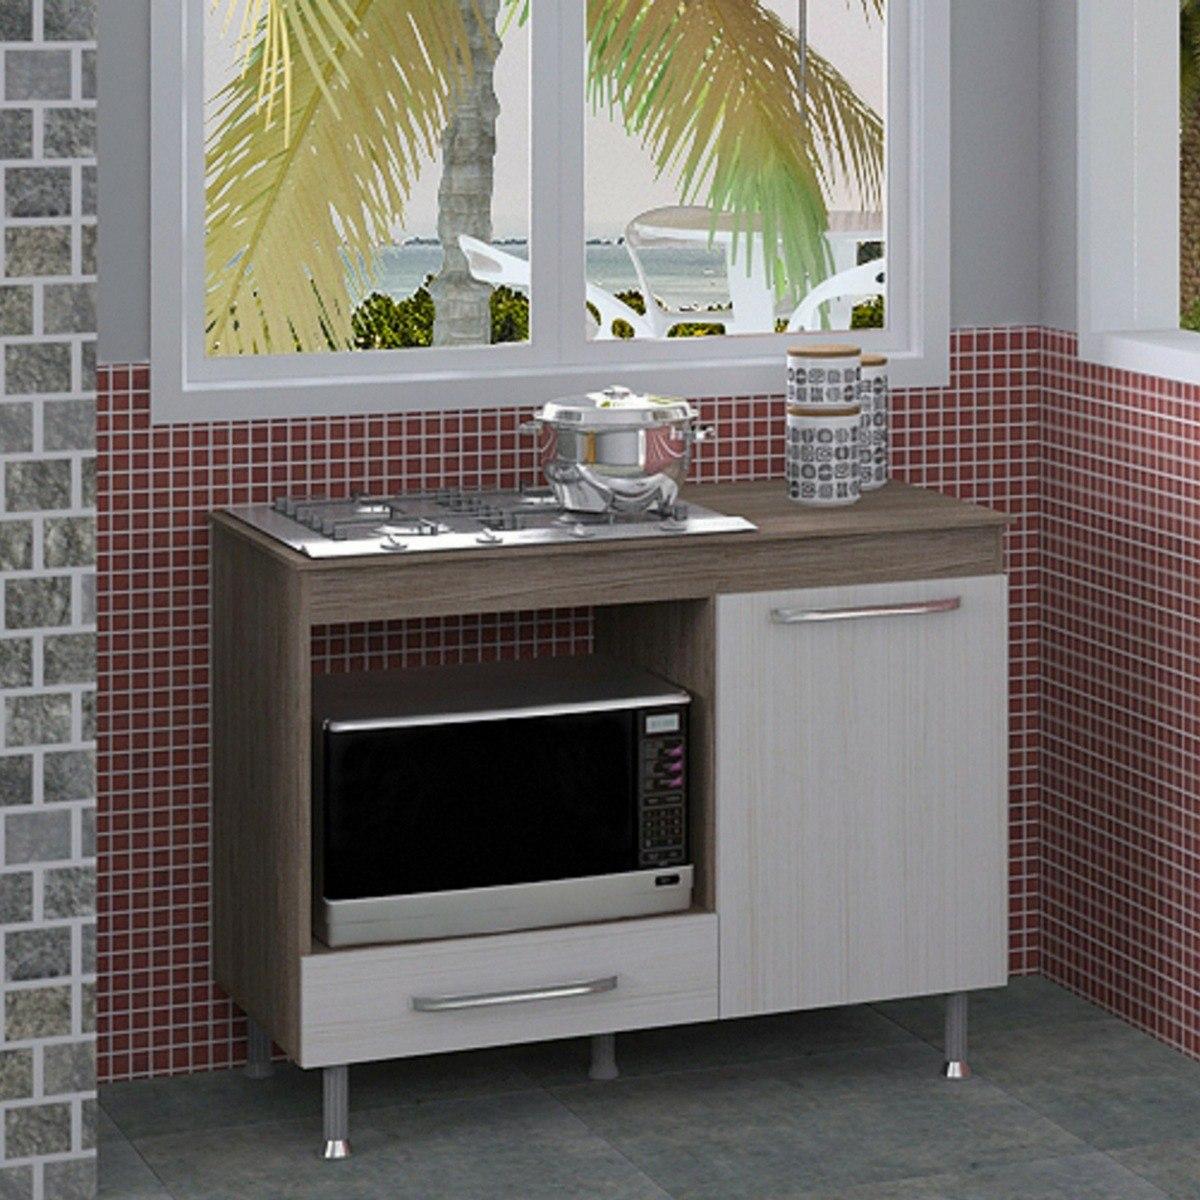 Balc O Grande De Cozinha Para Cooktop E Forno El Trico R 258 00  ~ Balcão De Cozinha Em Alvenaria